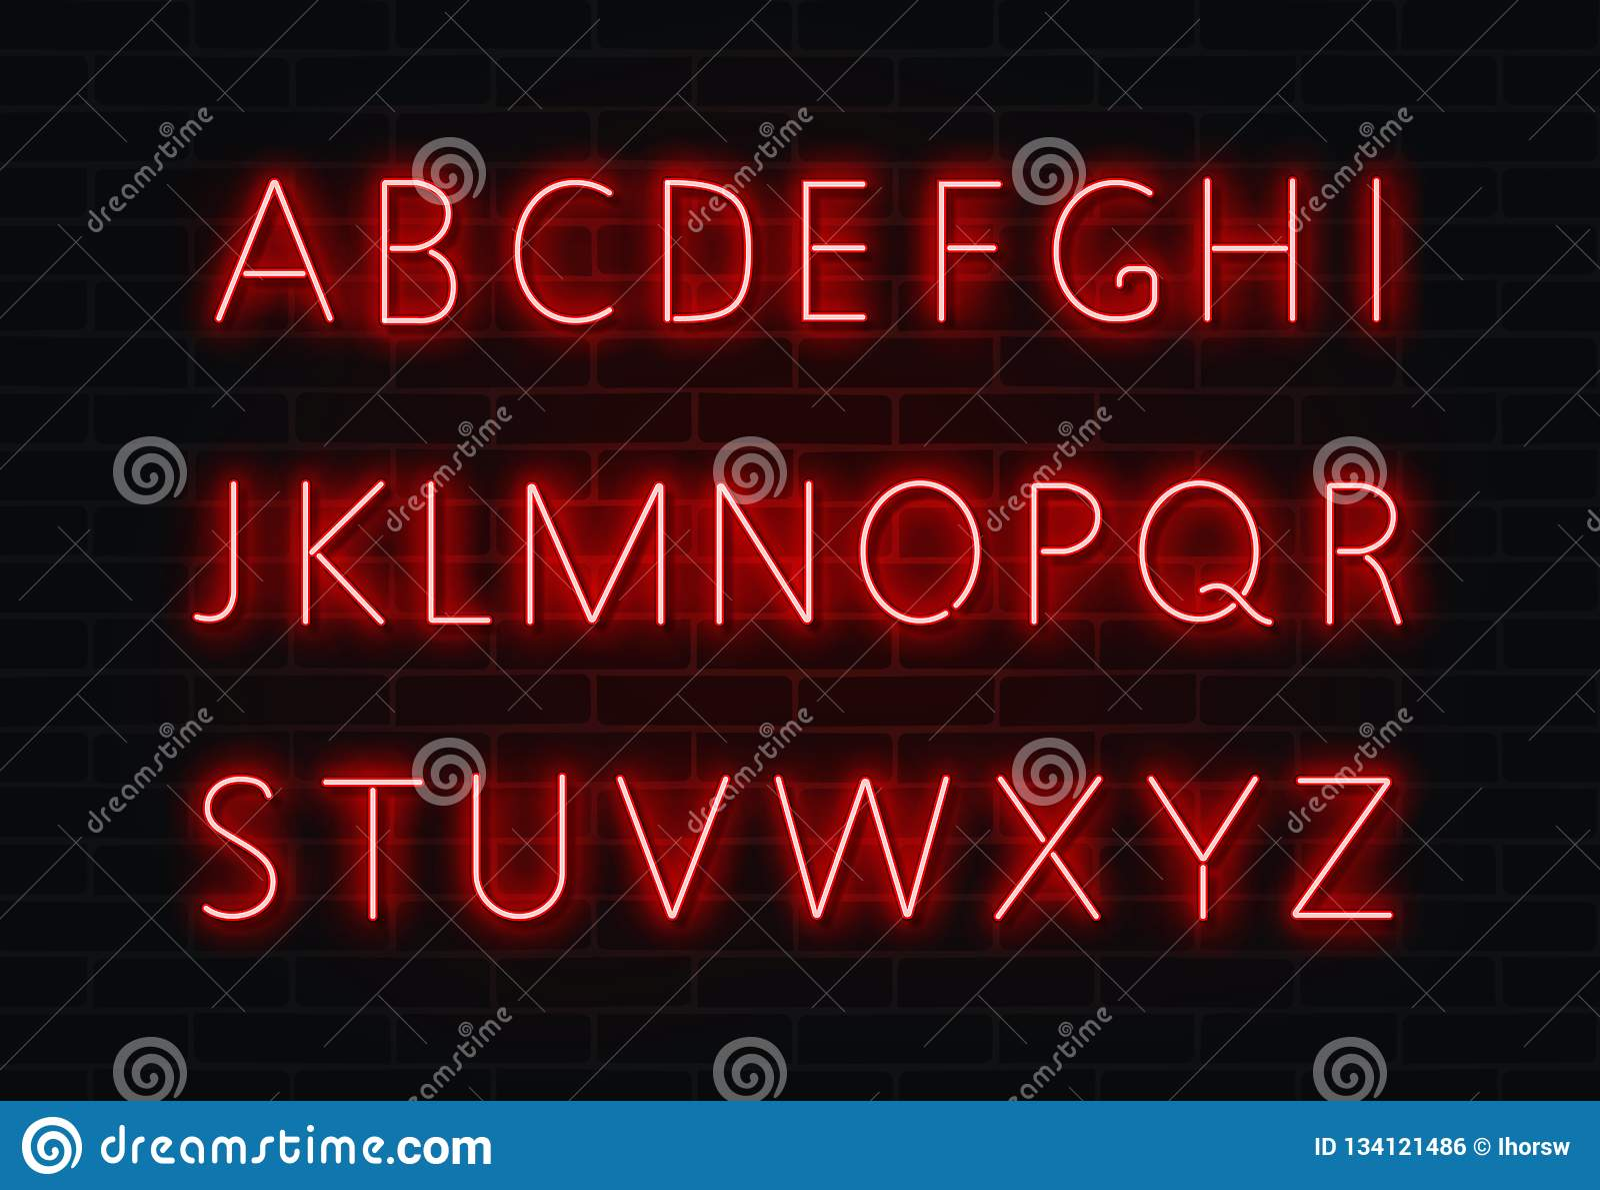 Neonowy chrzcielnica wektor Lekki abecadło teksta znaka set Rozjarzona nocy chrzcielnica dla baru, kasyno, przyjęcie czerwone ści